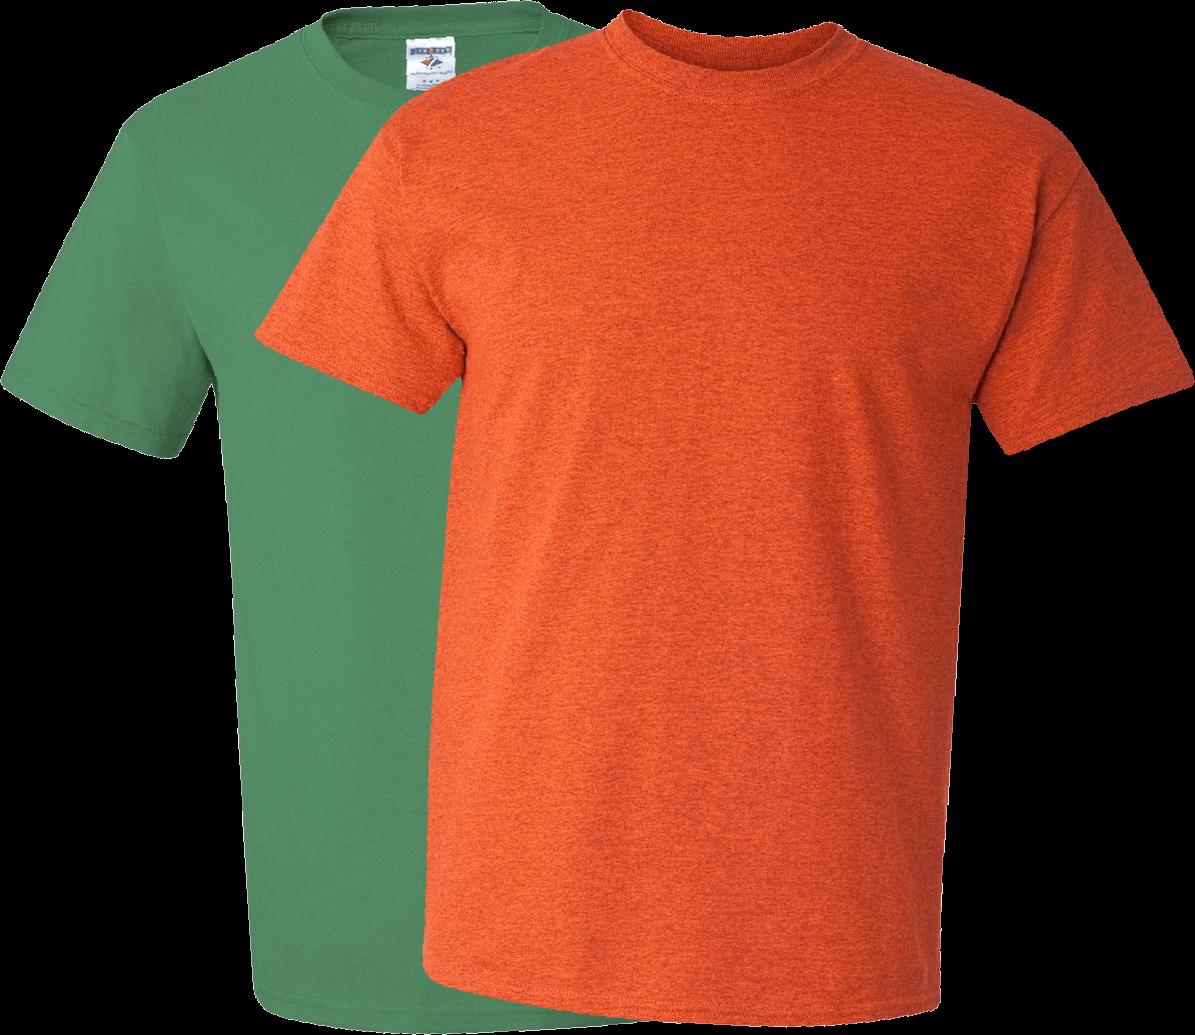 Hoodie clipart sweatshirt. Screen printing service in